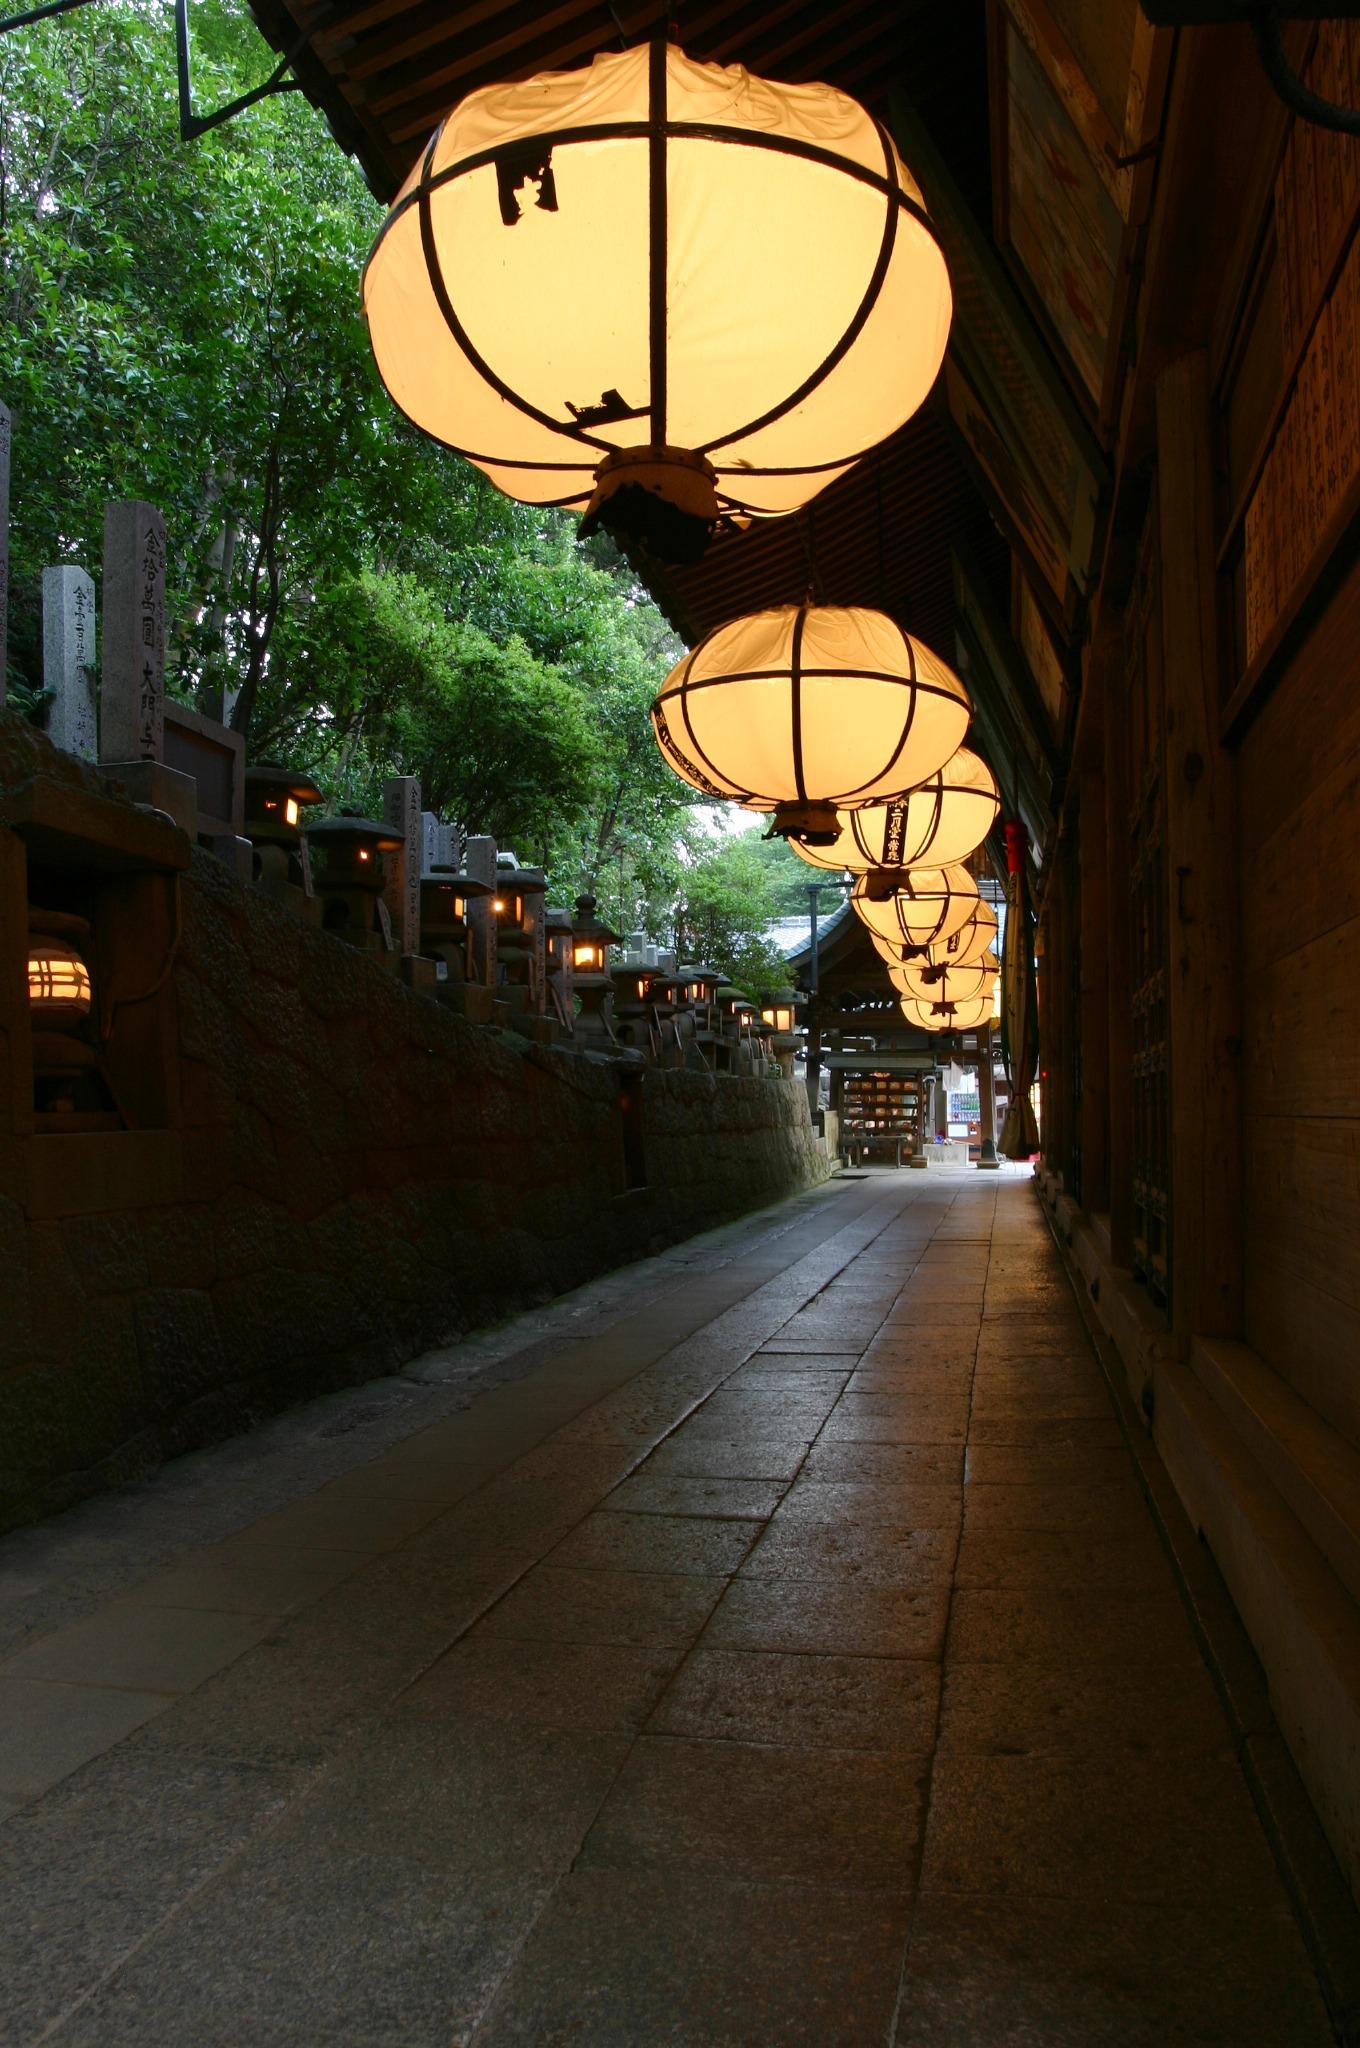 東大寺二月堂の常夜燈の雪洞